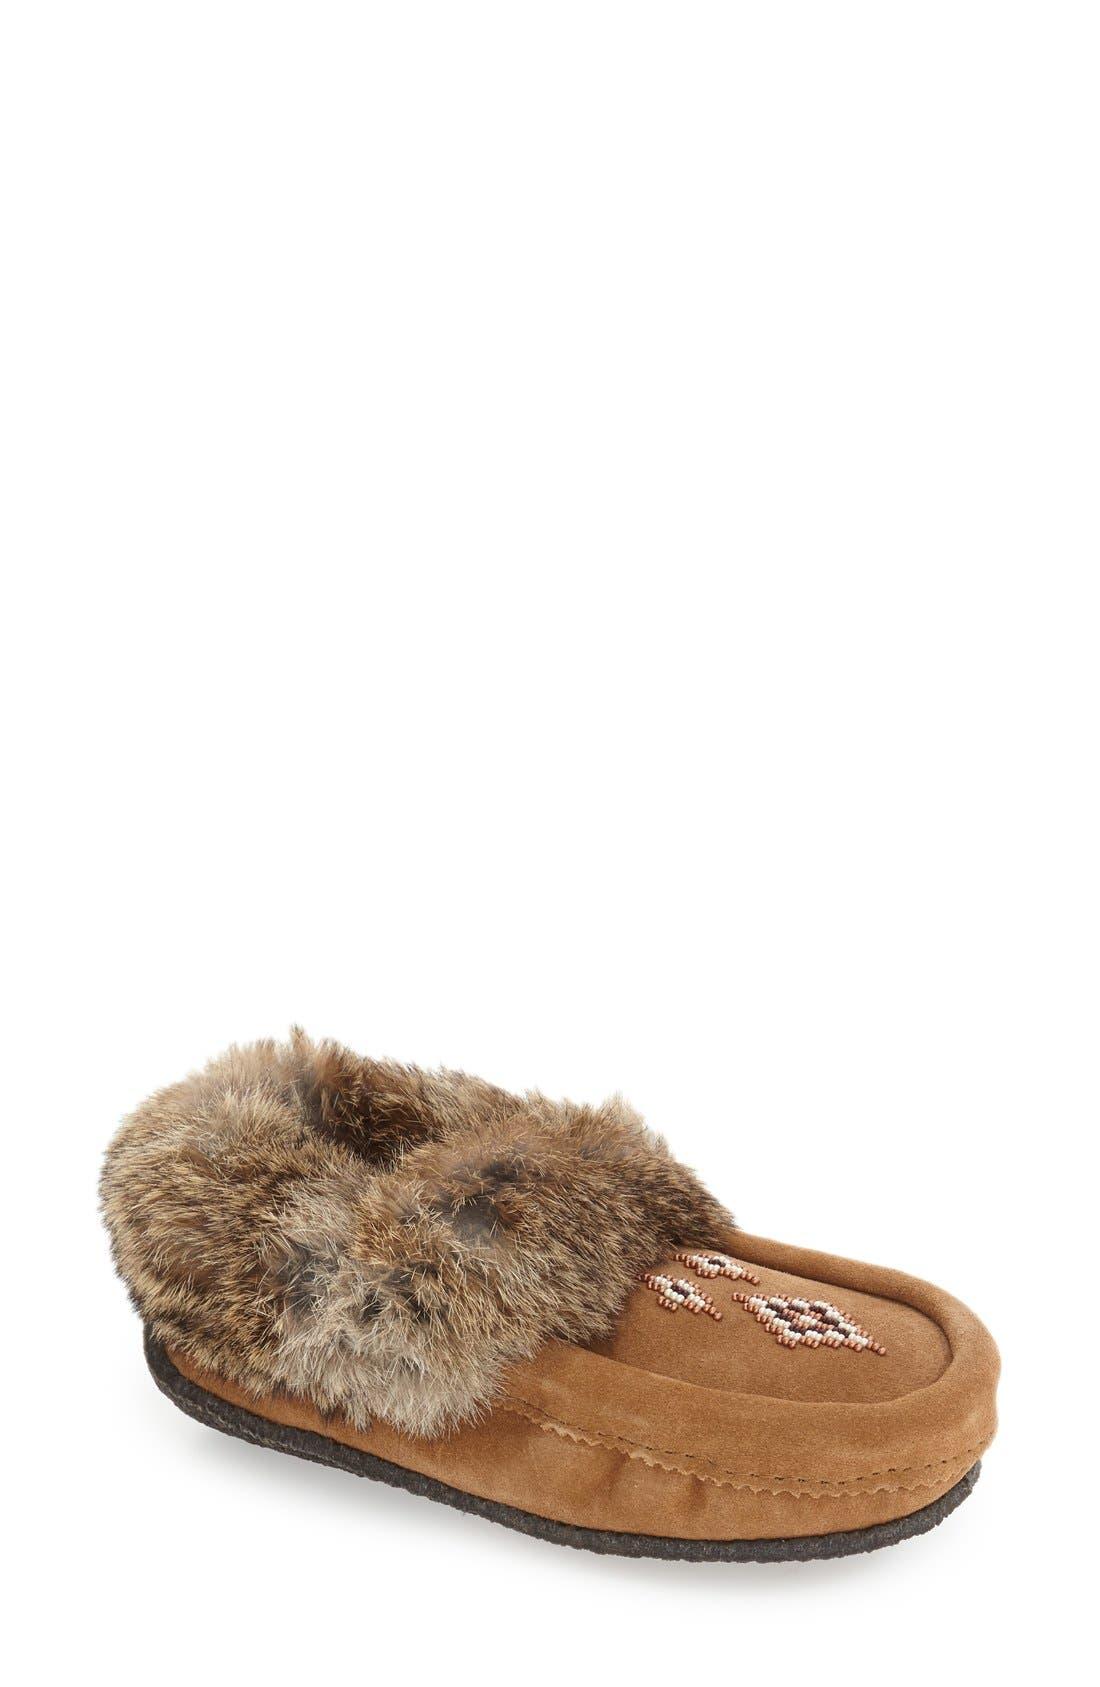 Genuine Shearling and Rabbit Fur Mukluk Slipper,                         Main,                         color, Oak Rabbit Fur Suede